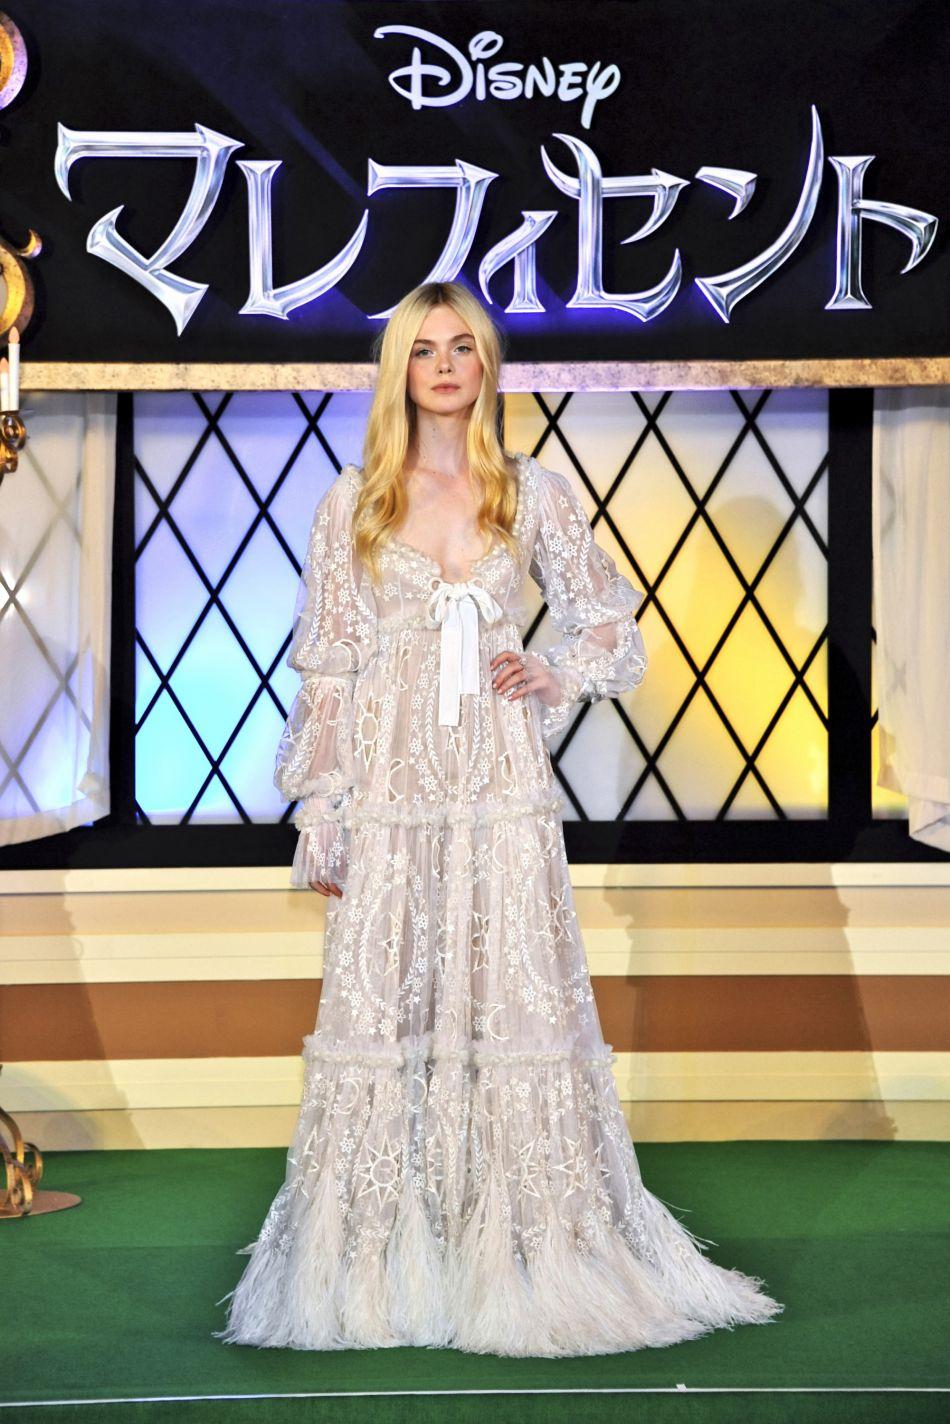 Elle Fanning portant une robe blanche longue ornée de perles.